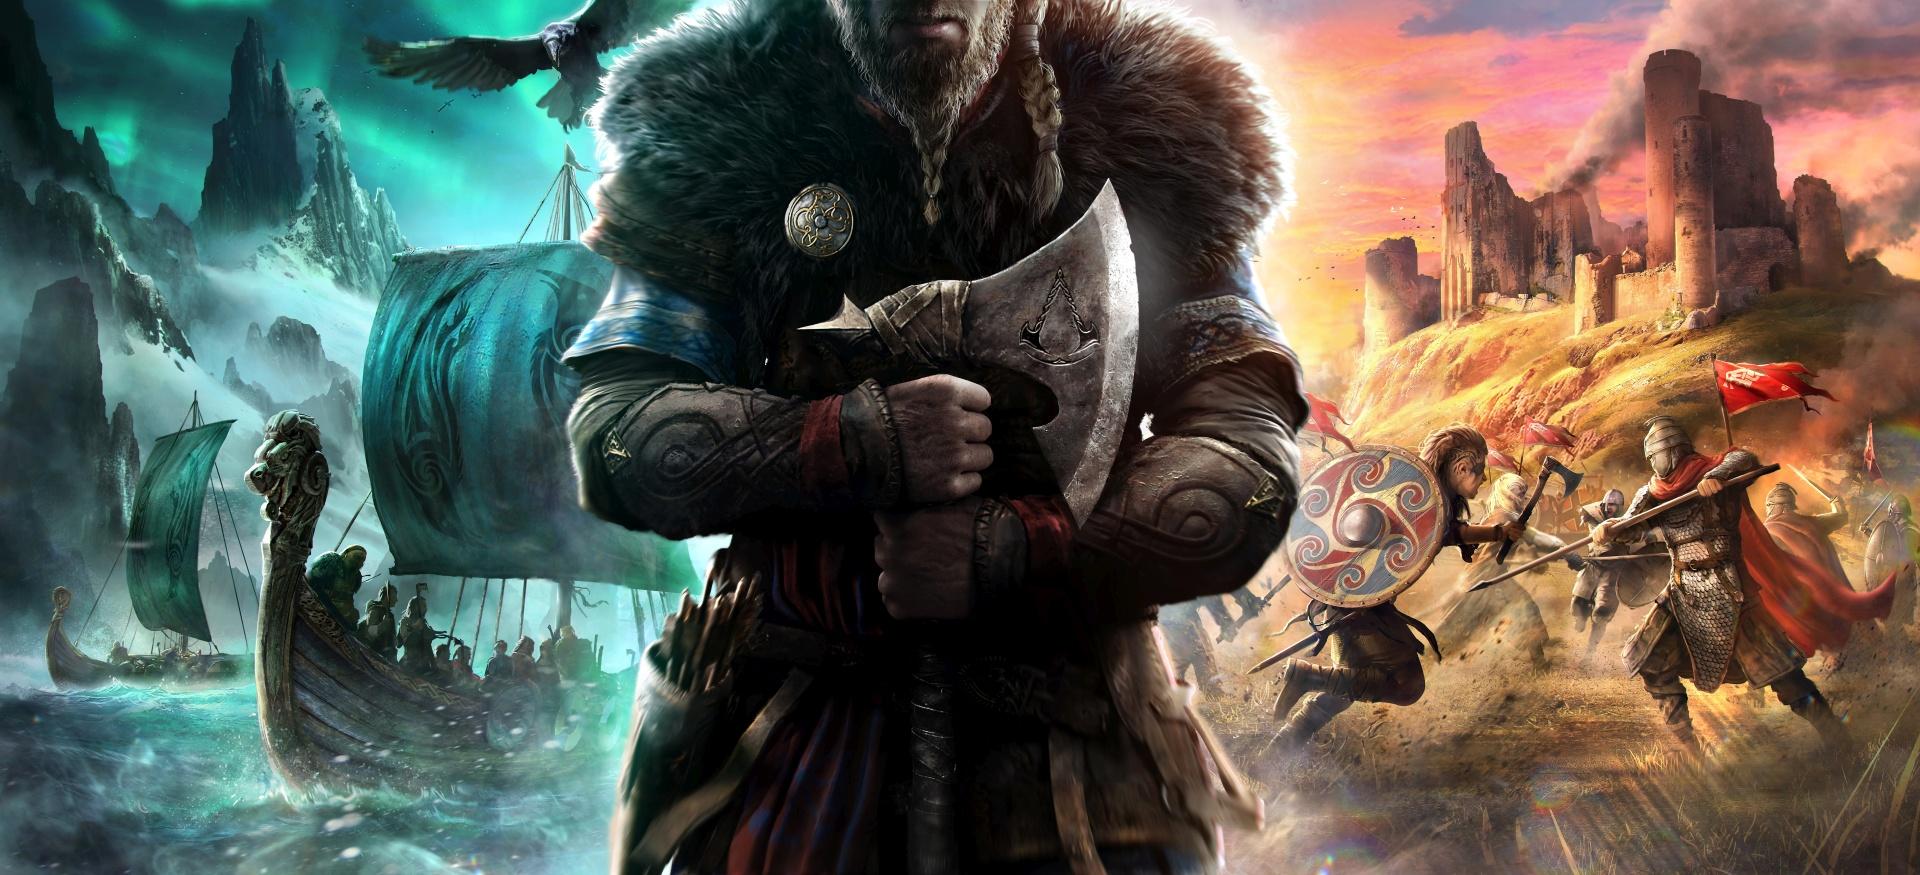 Assassin's Creed ValhallaArt_Bosslogic